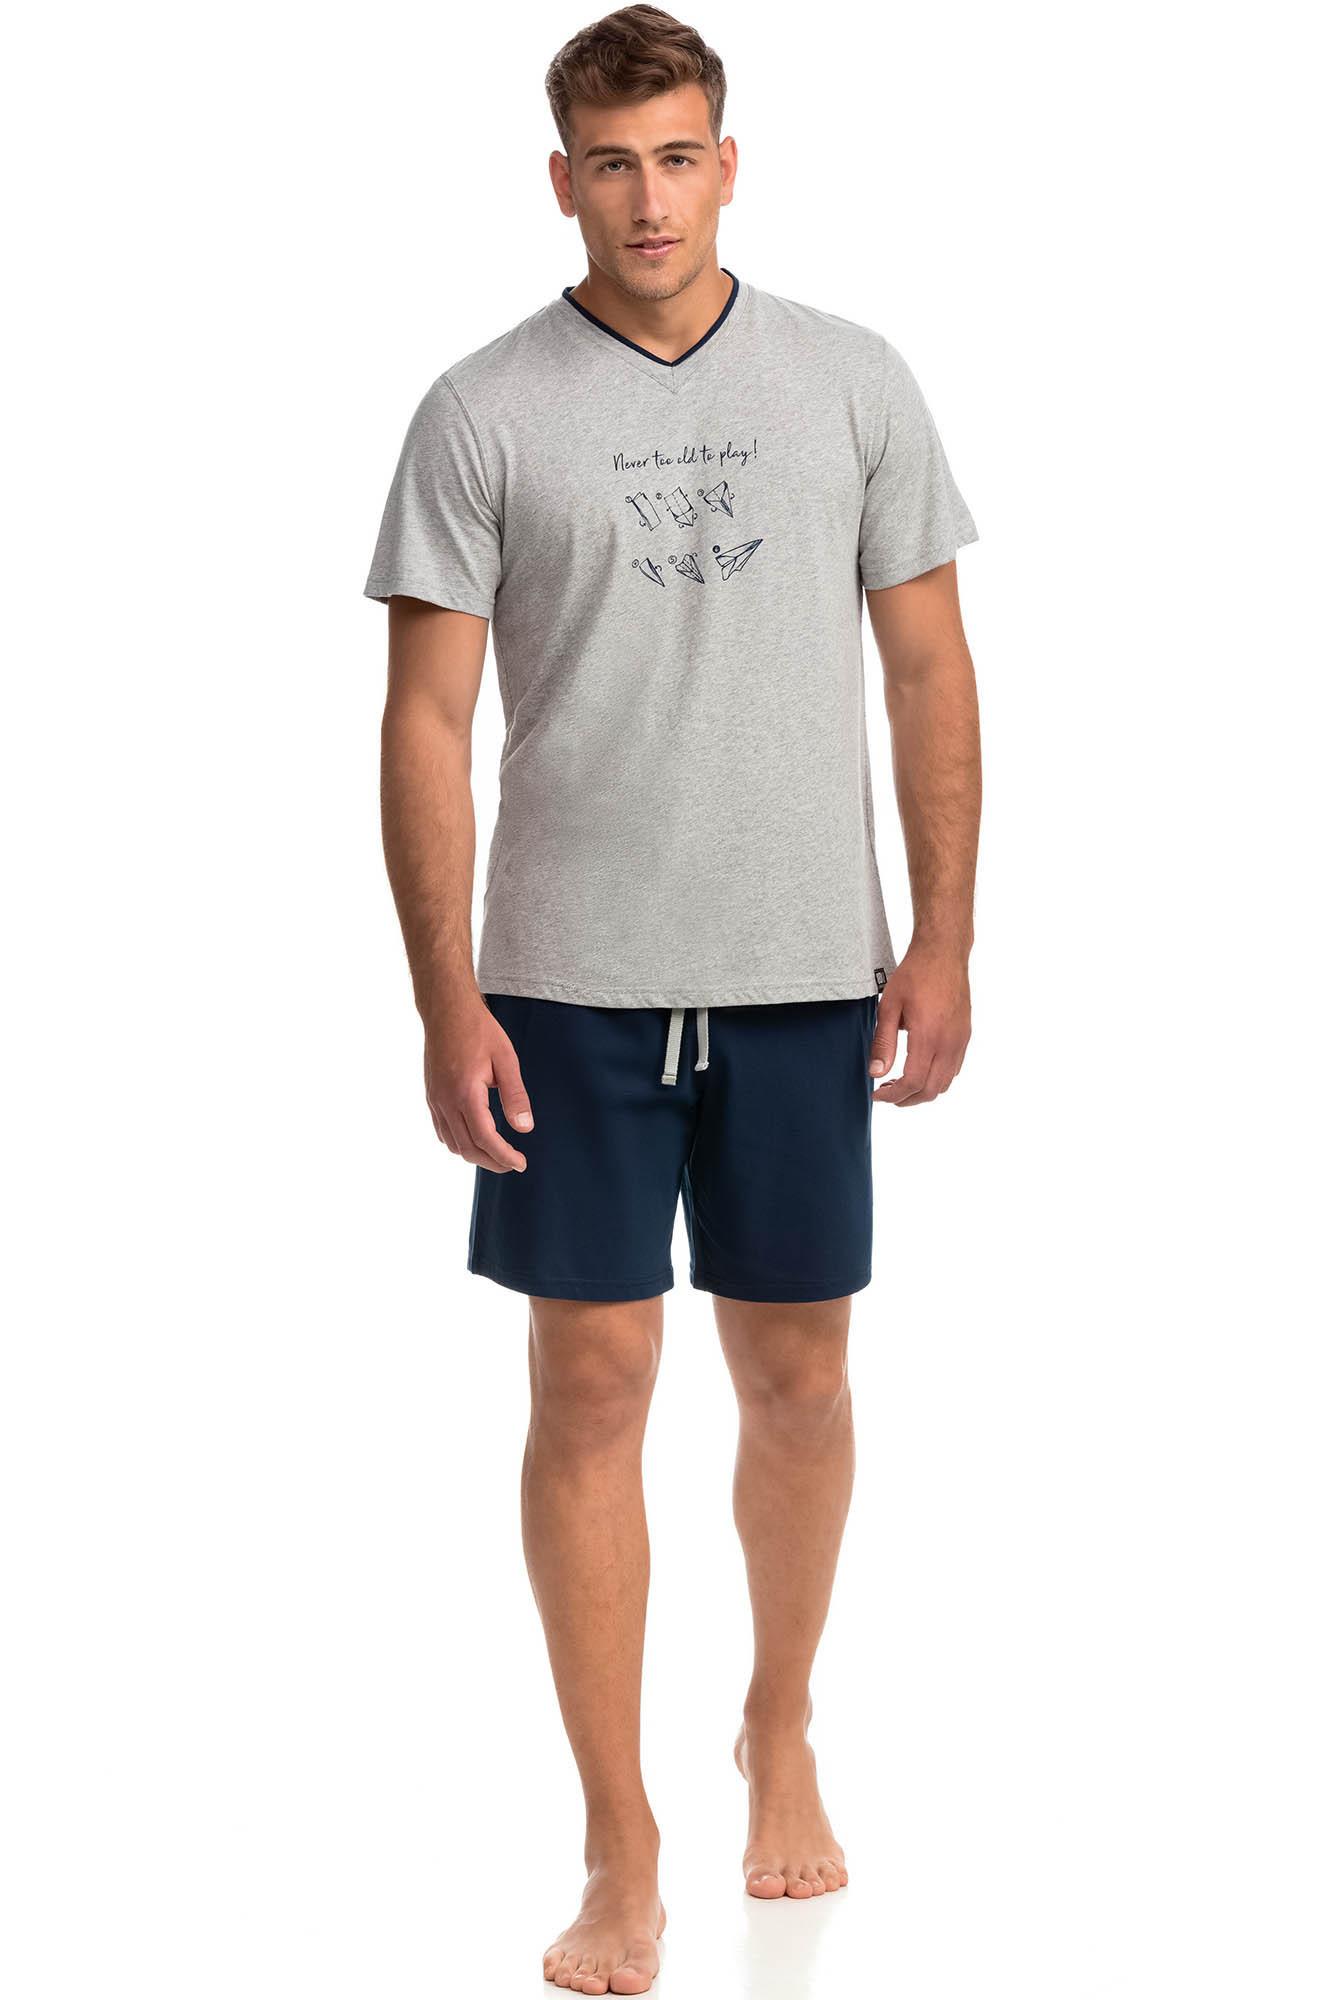 Vamp - Pohodlné dvojdielne pánske pyžamo 14750 - Vamp gray melange xl